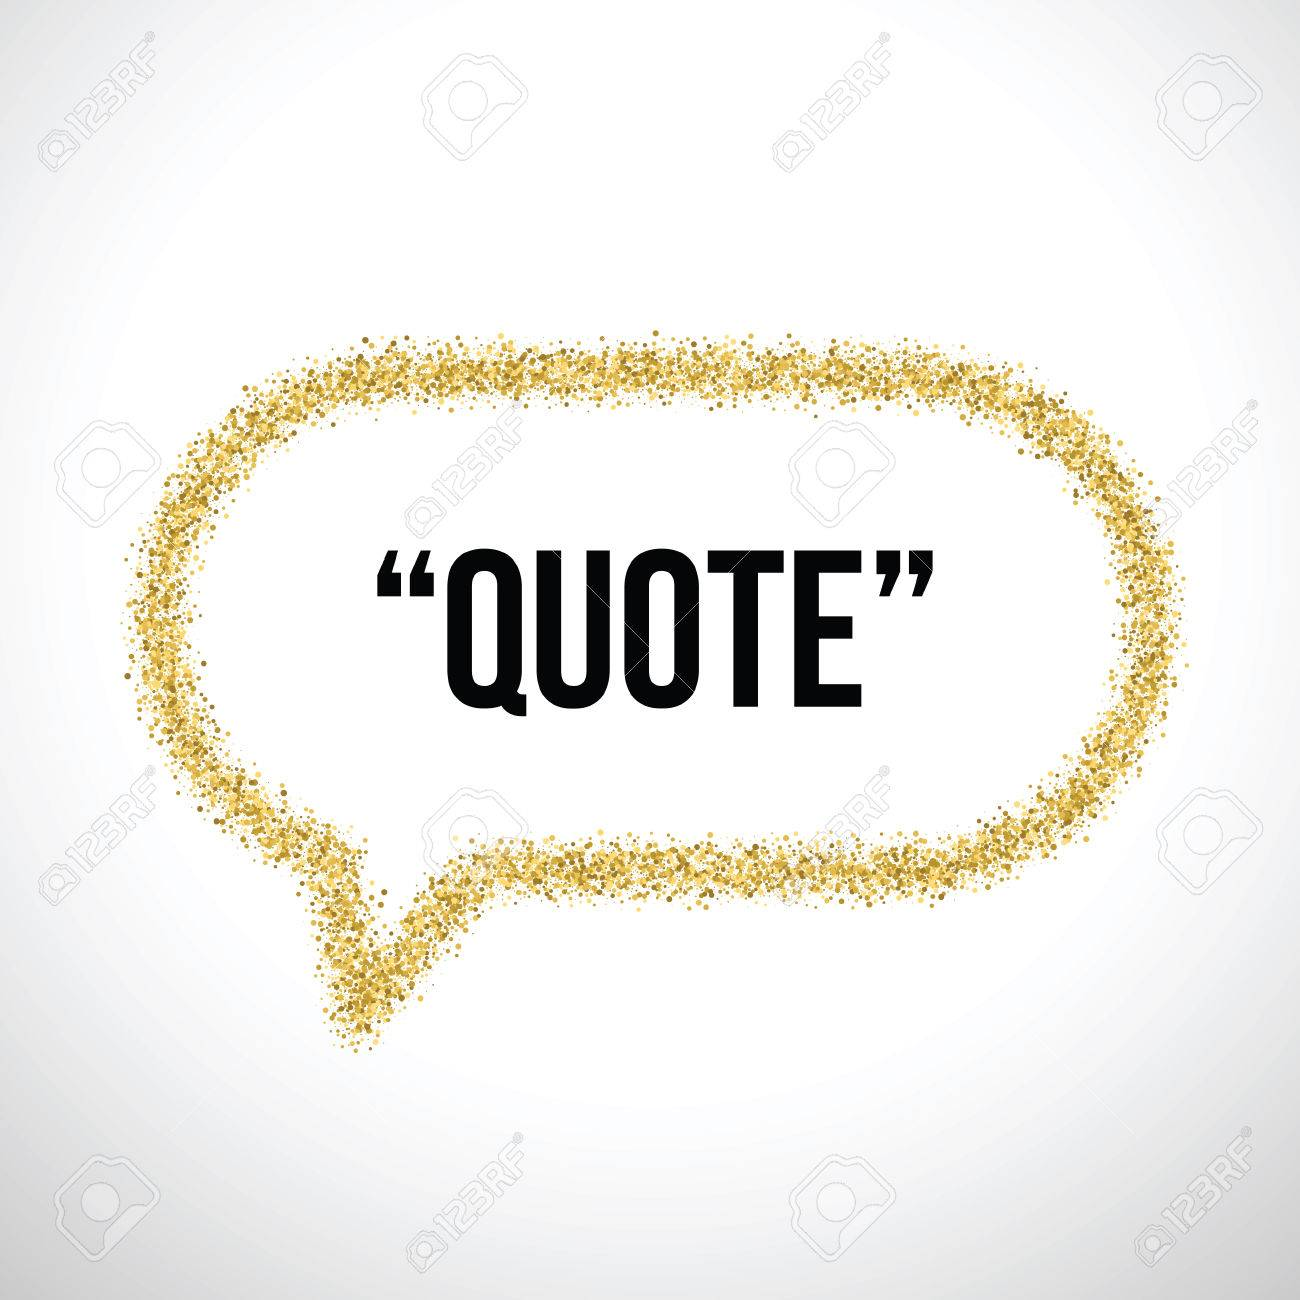 Goldener Sand Sprechblase Symbol Für Text Zu Zitieren. Vector Leere ...